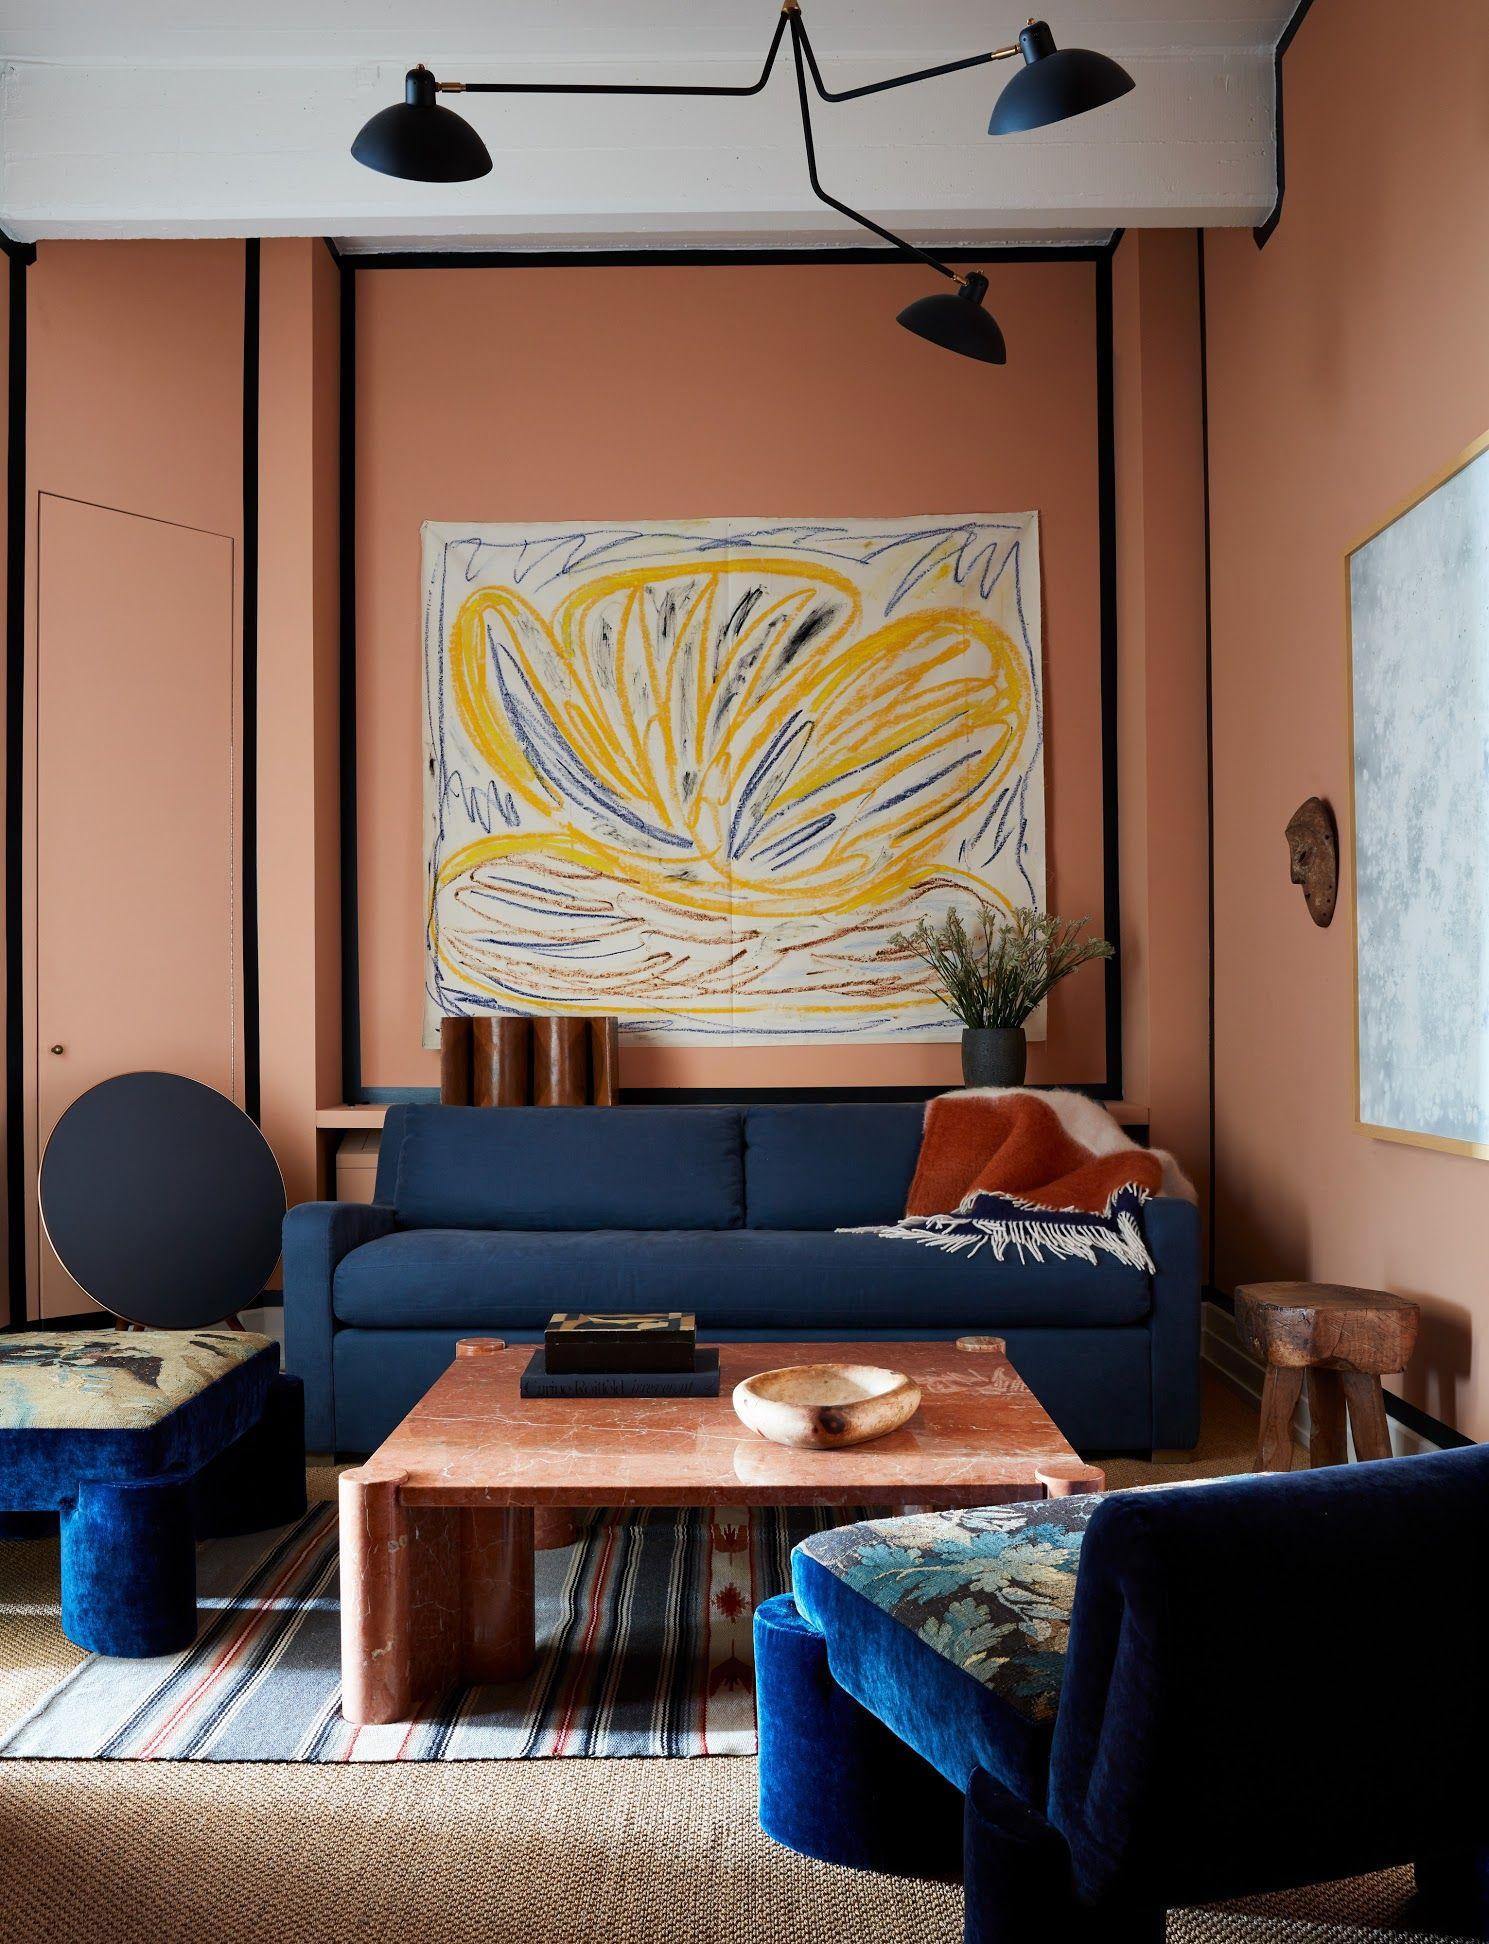 Peinture de balle et de saumon de saumon mort avec un riche canapé bleu